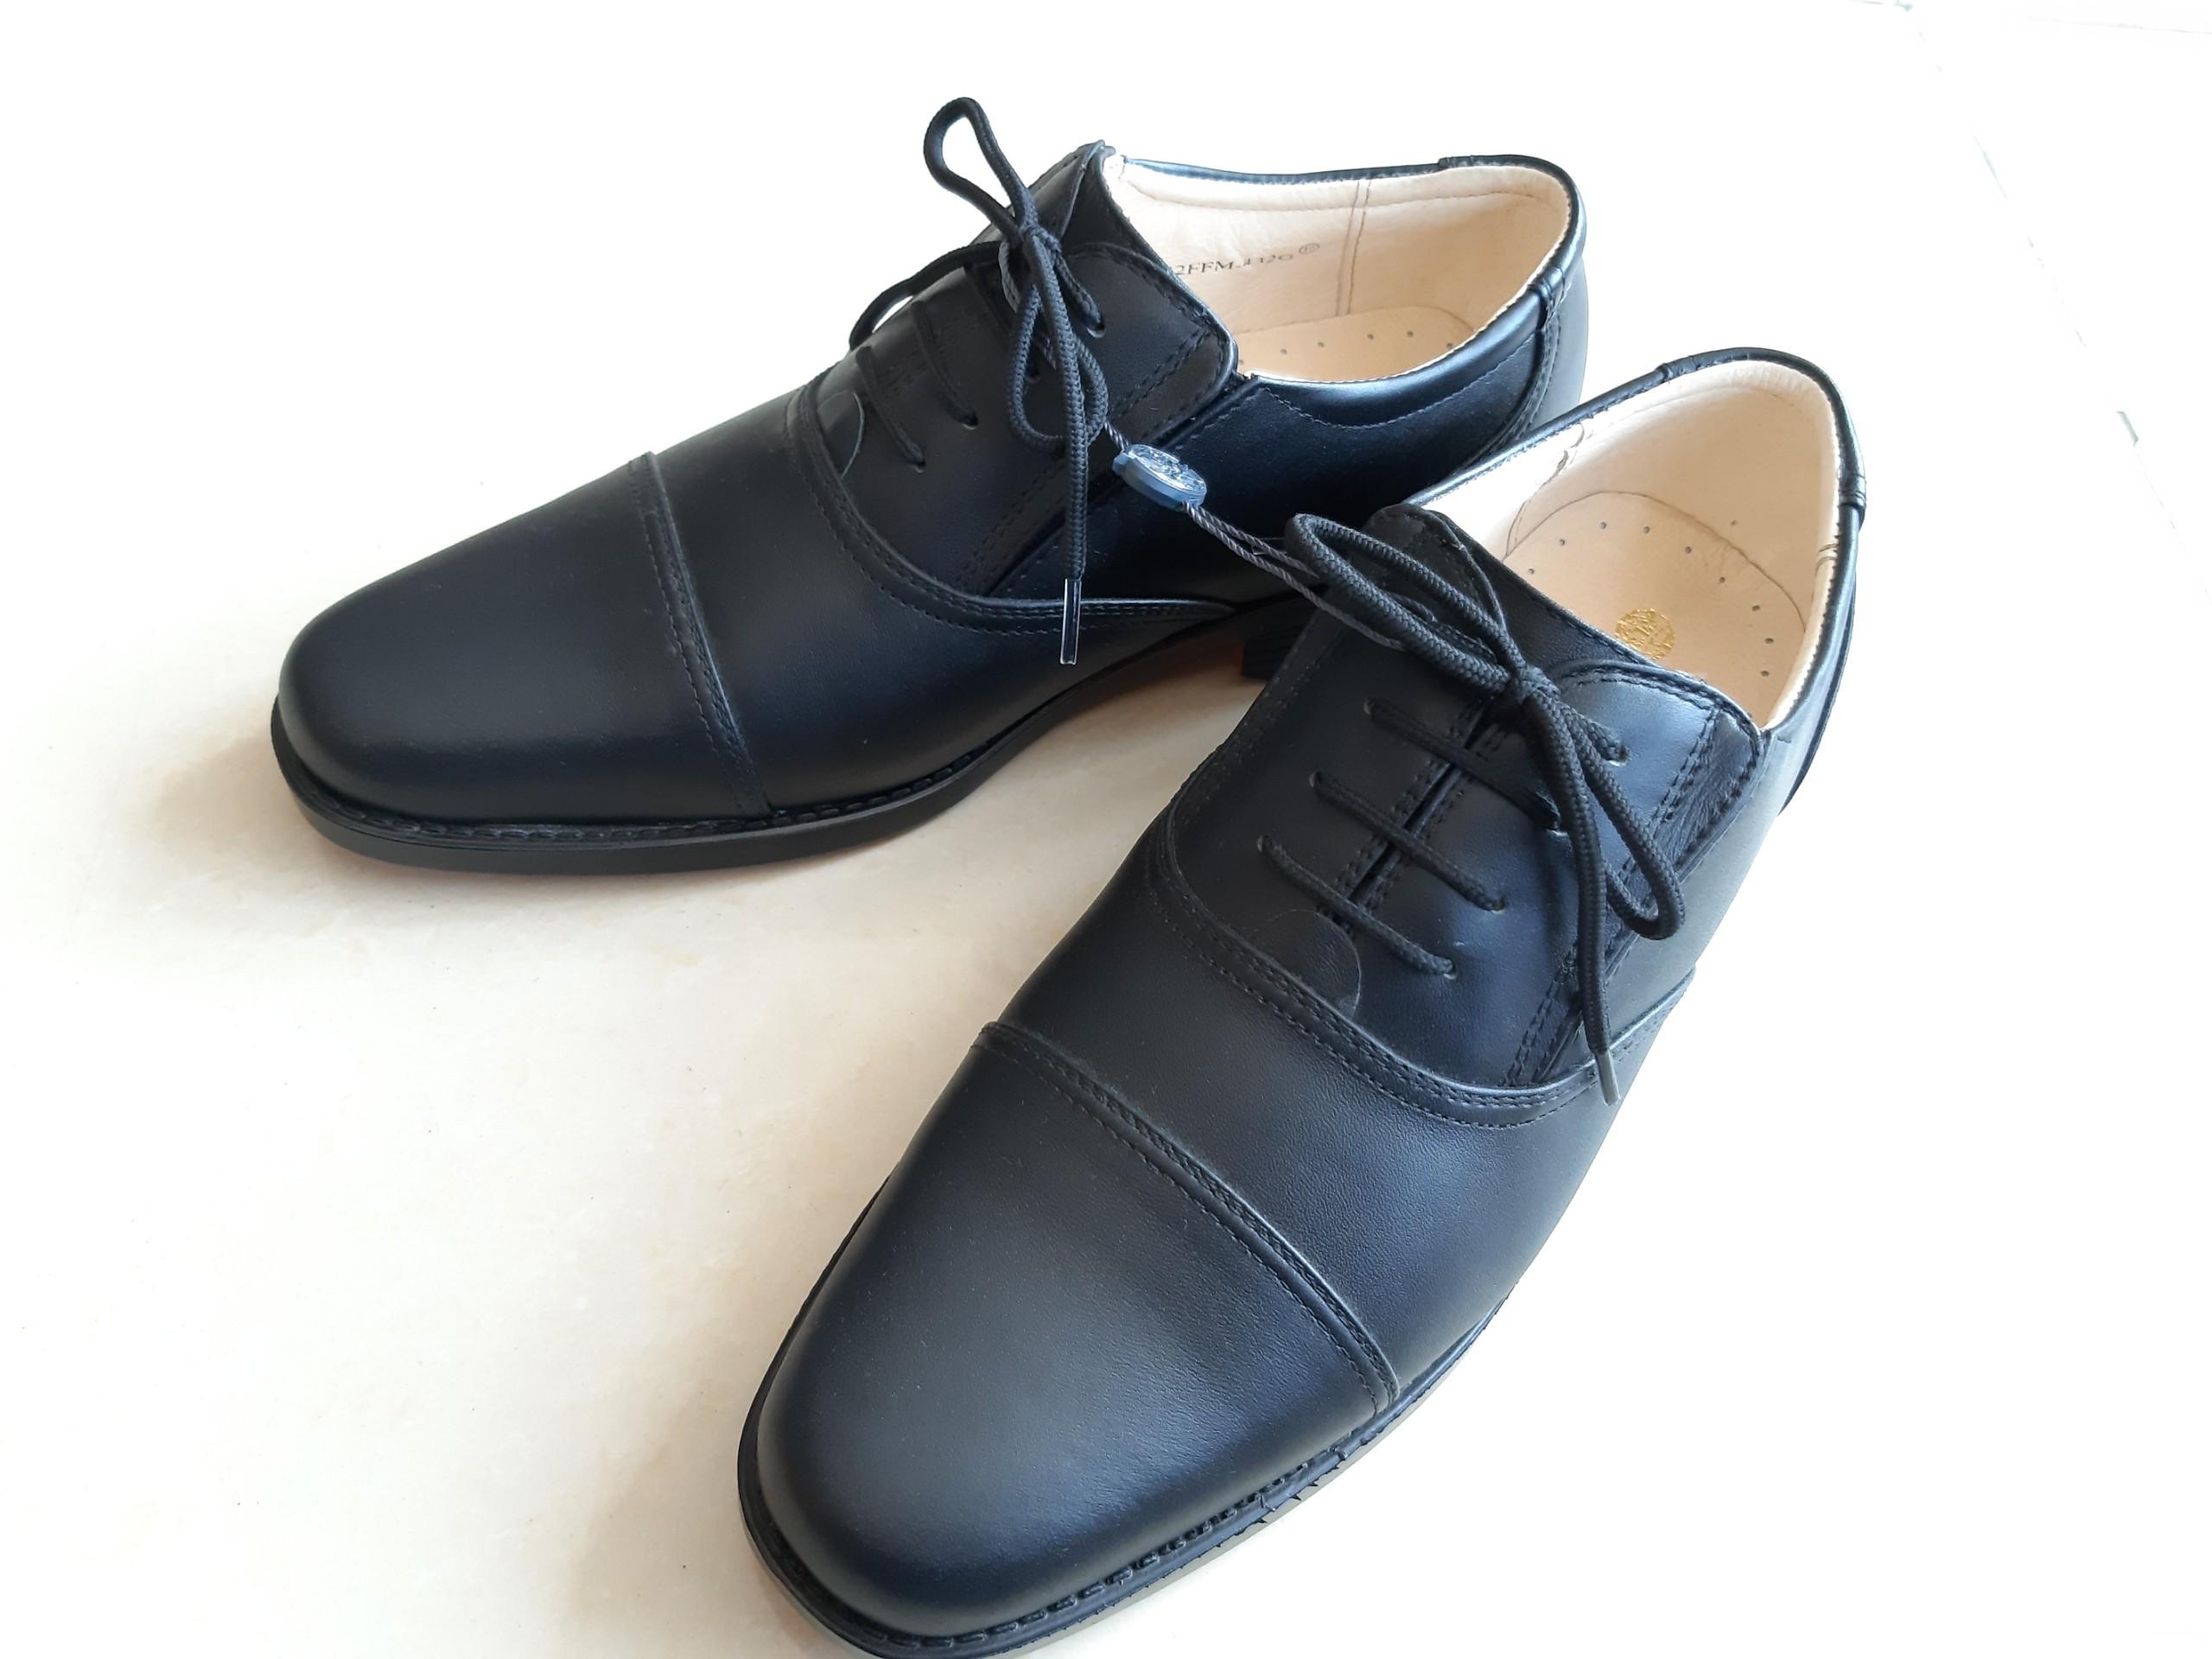 Giày Sỹ Quan Cấp Tướng Công An Mã 32-FFM 432G